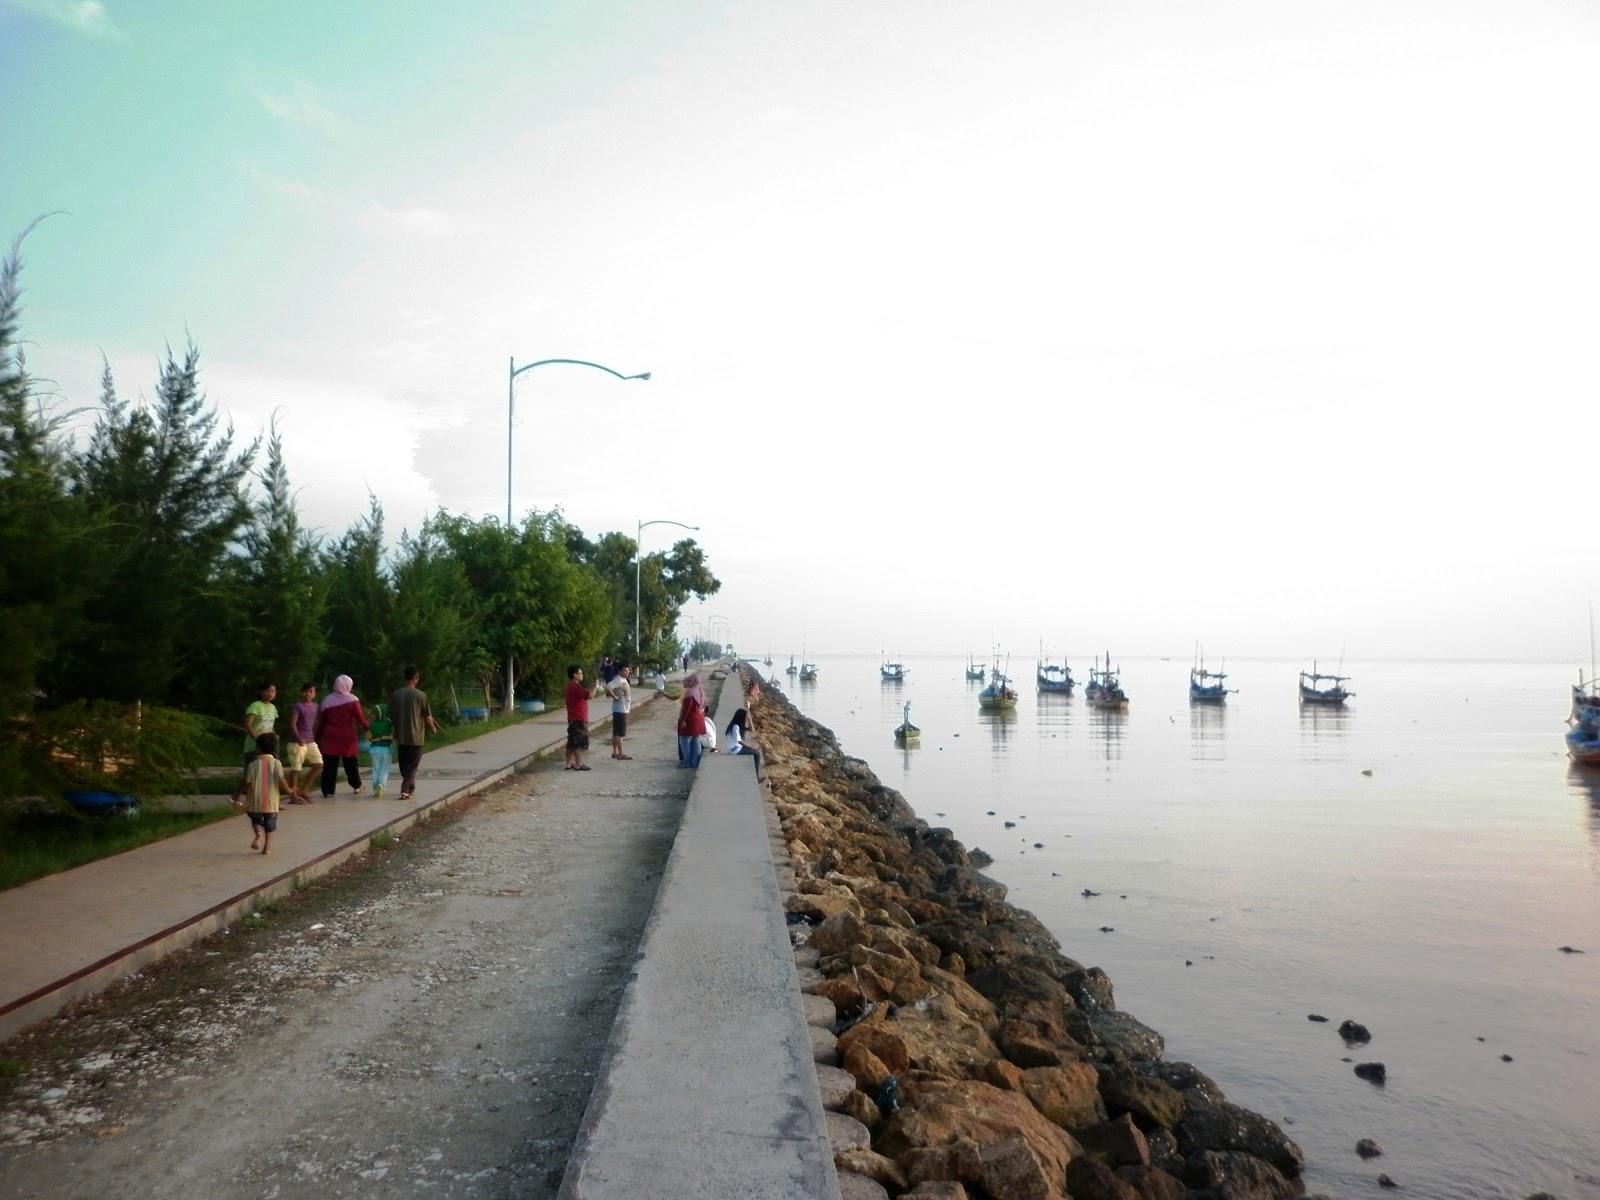 Wisata Kota Tuban Pantai Boom Ramai Majalah Tuner Wisatawan Sekedar